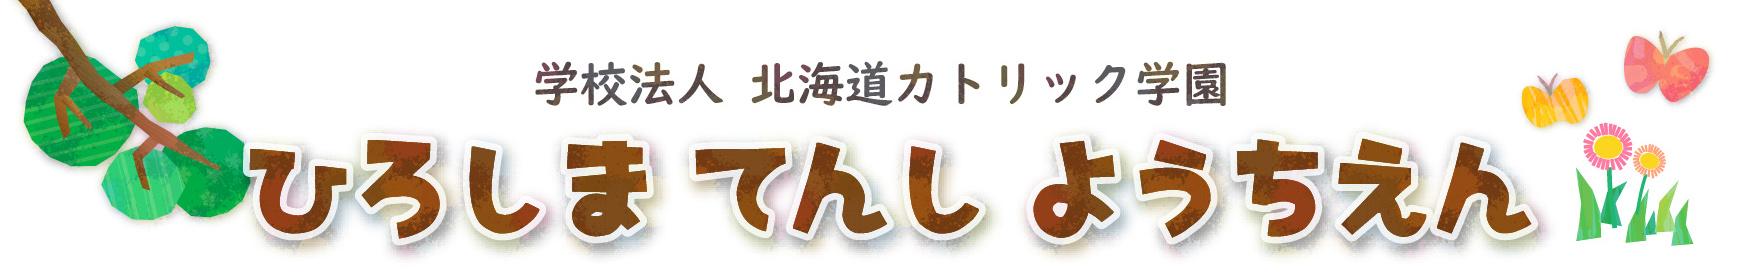 広島天使幼稚園 | 学校法人 北海道カトリック学園